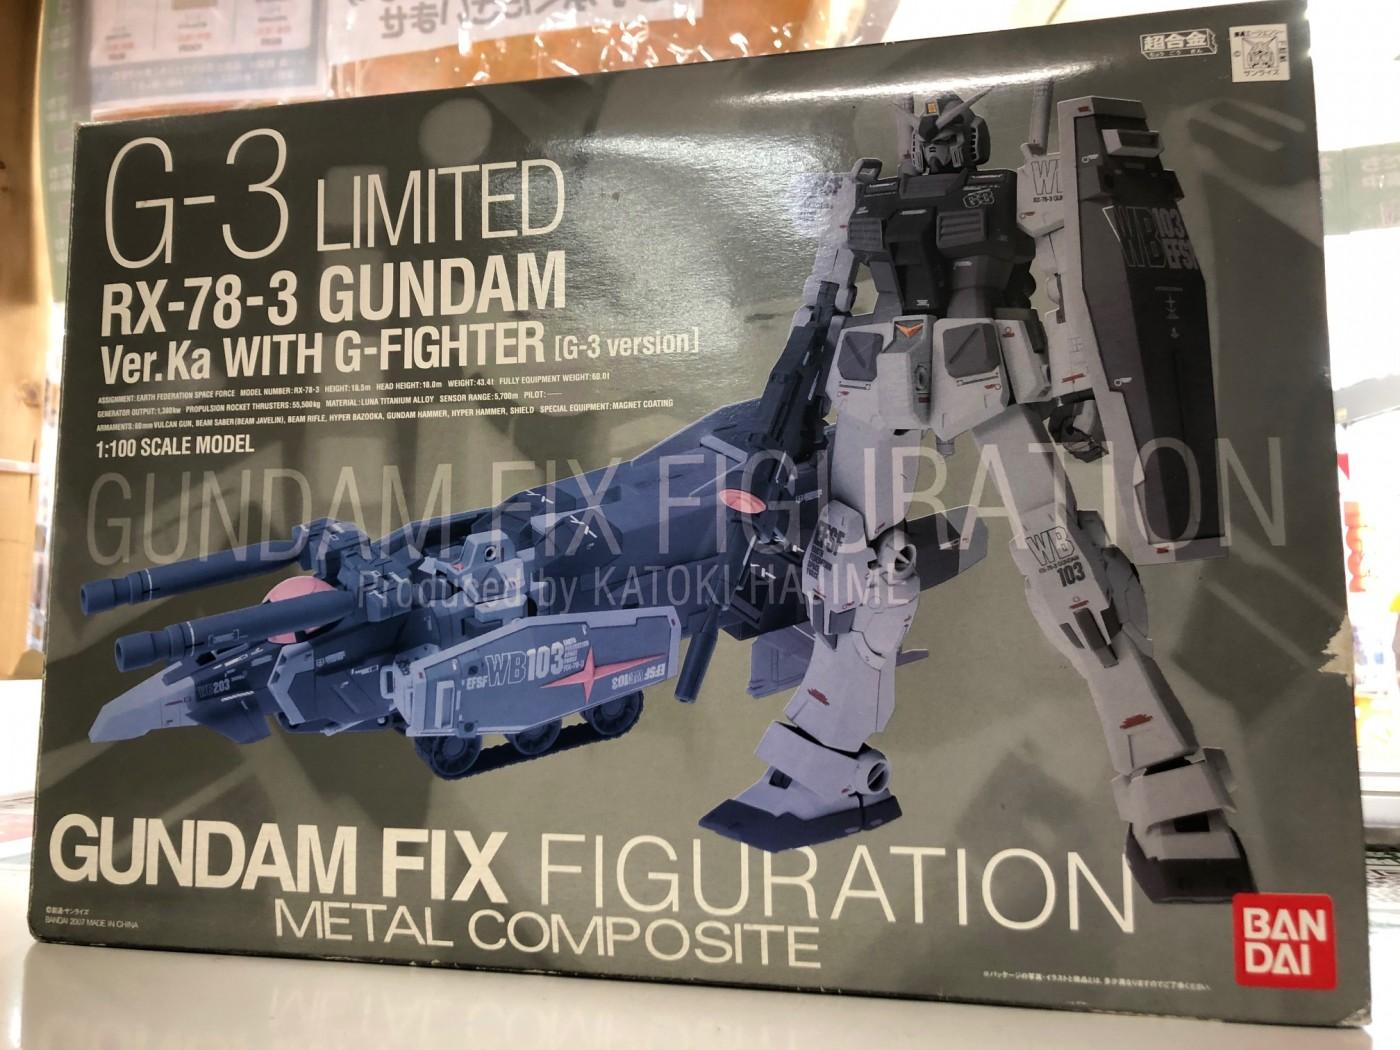 買取情報『バンダイMETAL COMPOSITEの機動戦士ガンダム RX-78-3 G3ガンダム Ver.Ka』